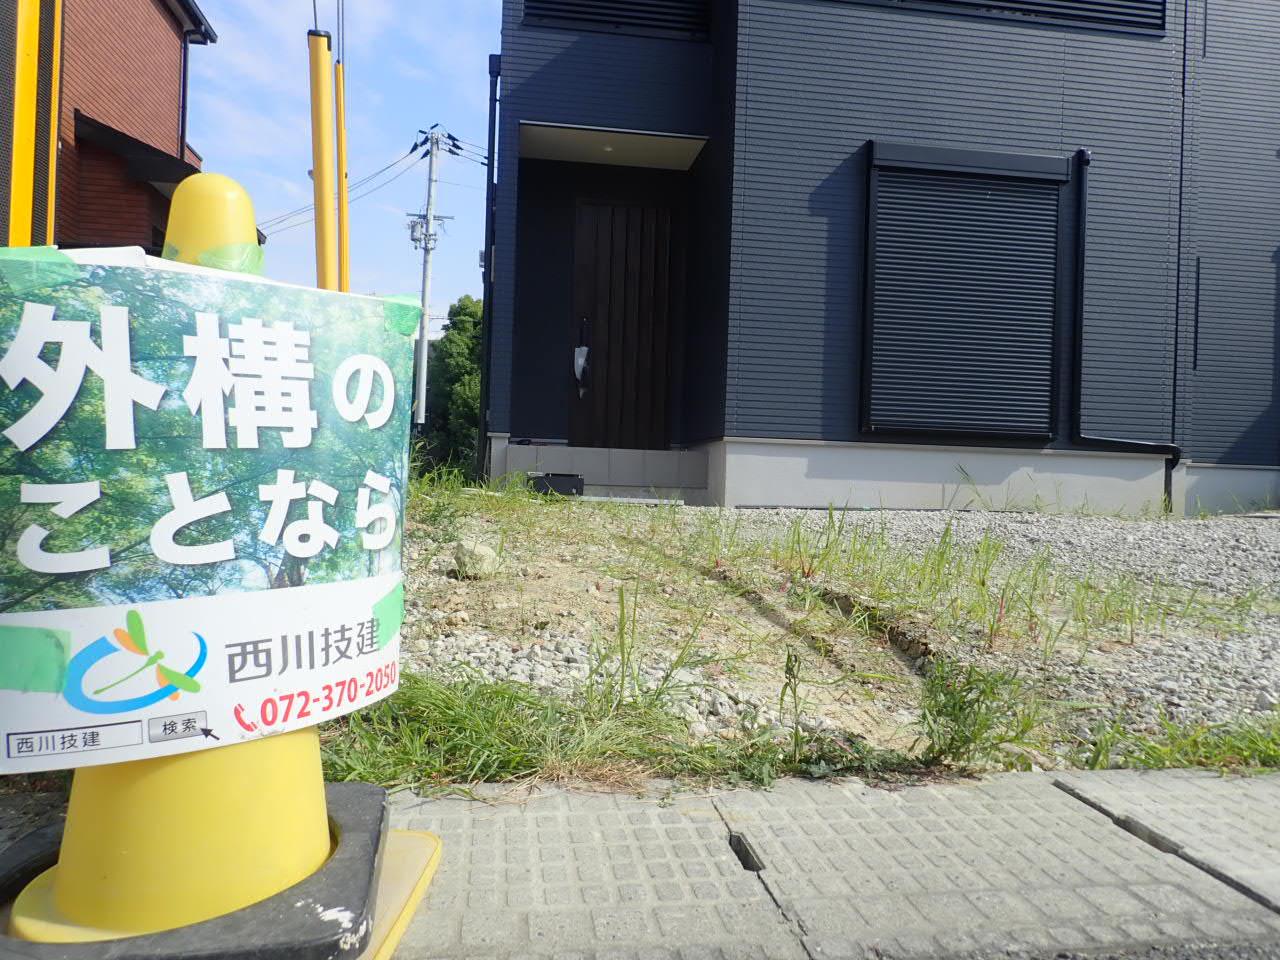 和泉市 新築に伴う外構工事スタートしました!